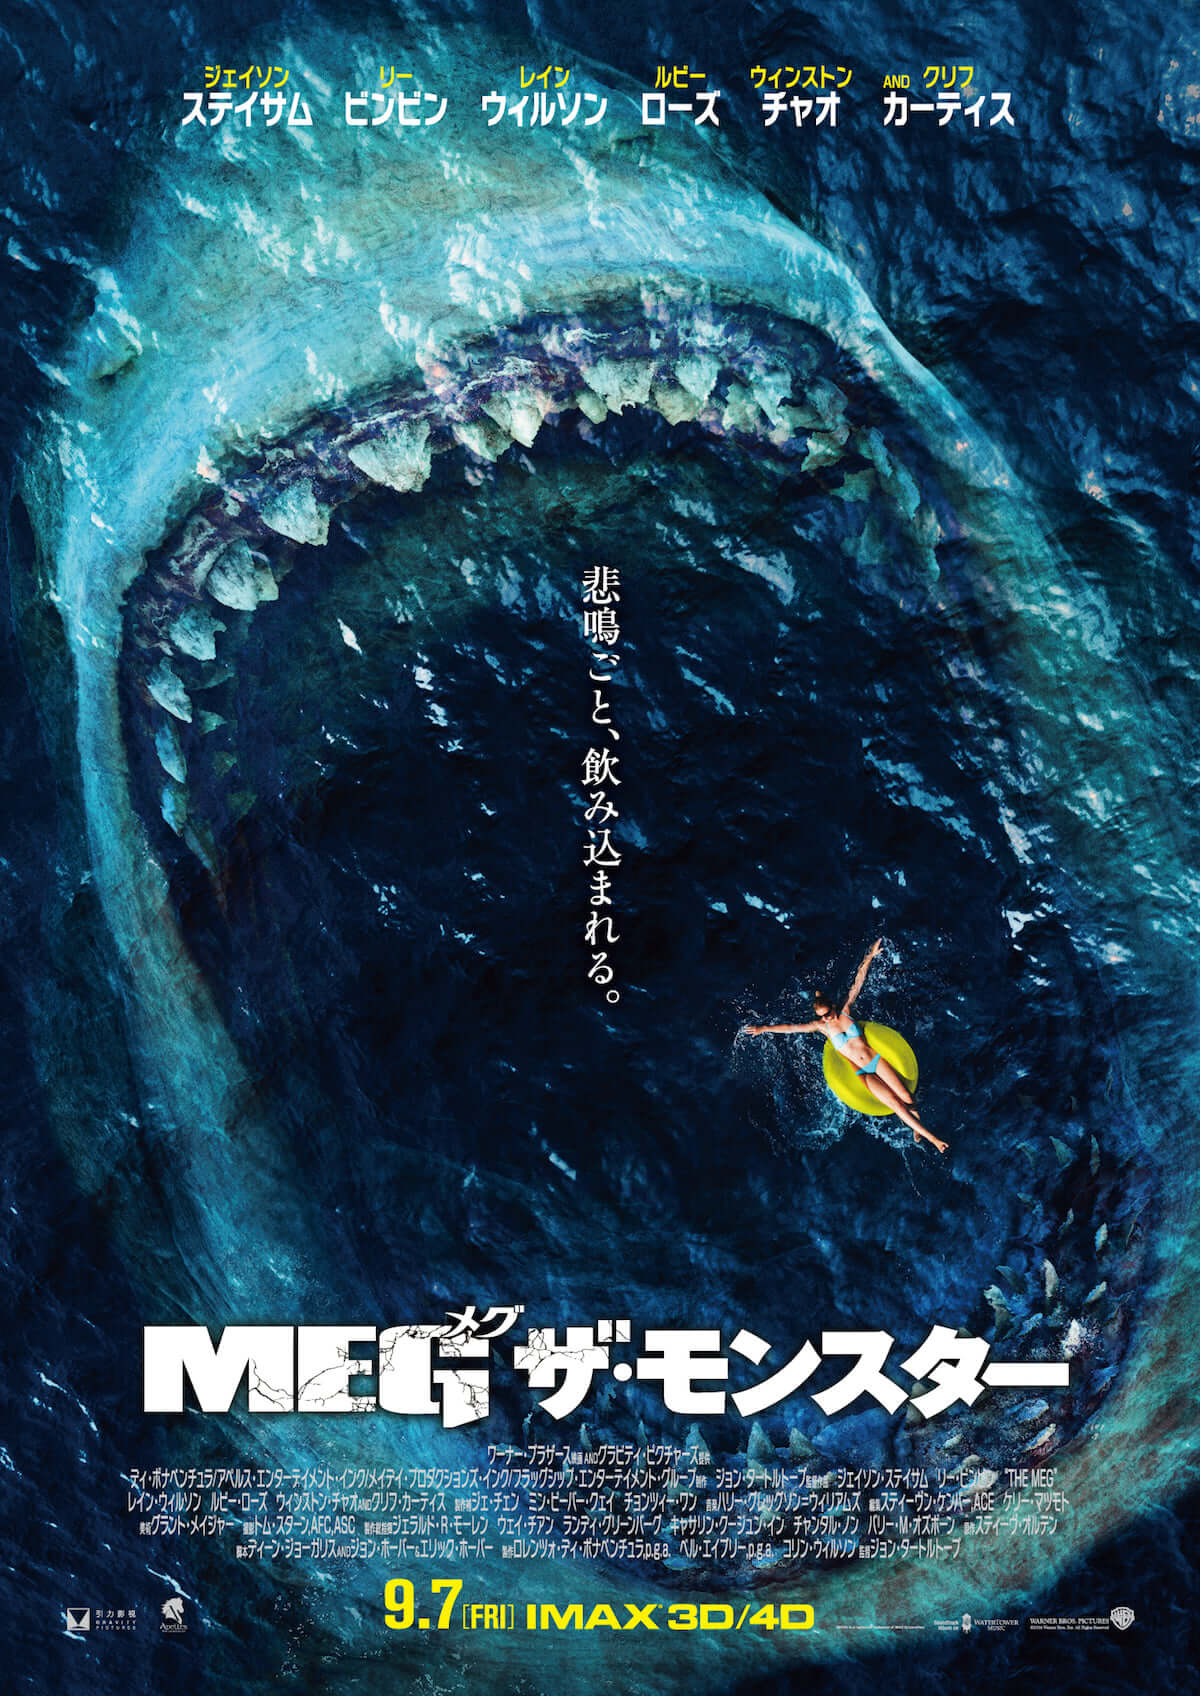 ジェイソン・ステイサム、命がけのミッション!映画『MEG ザ・モンスター』3分39秒の本編映像解禁! film180829-megthemonster--1200x1696